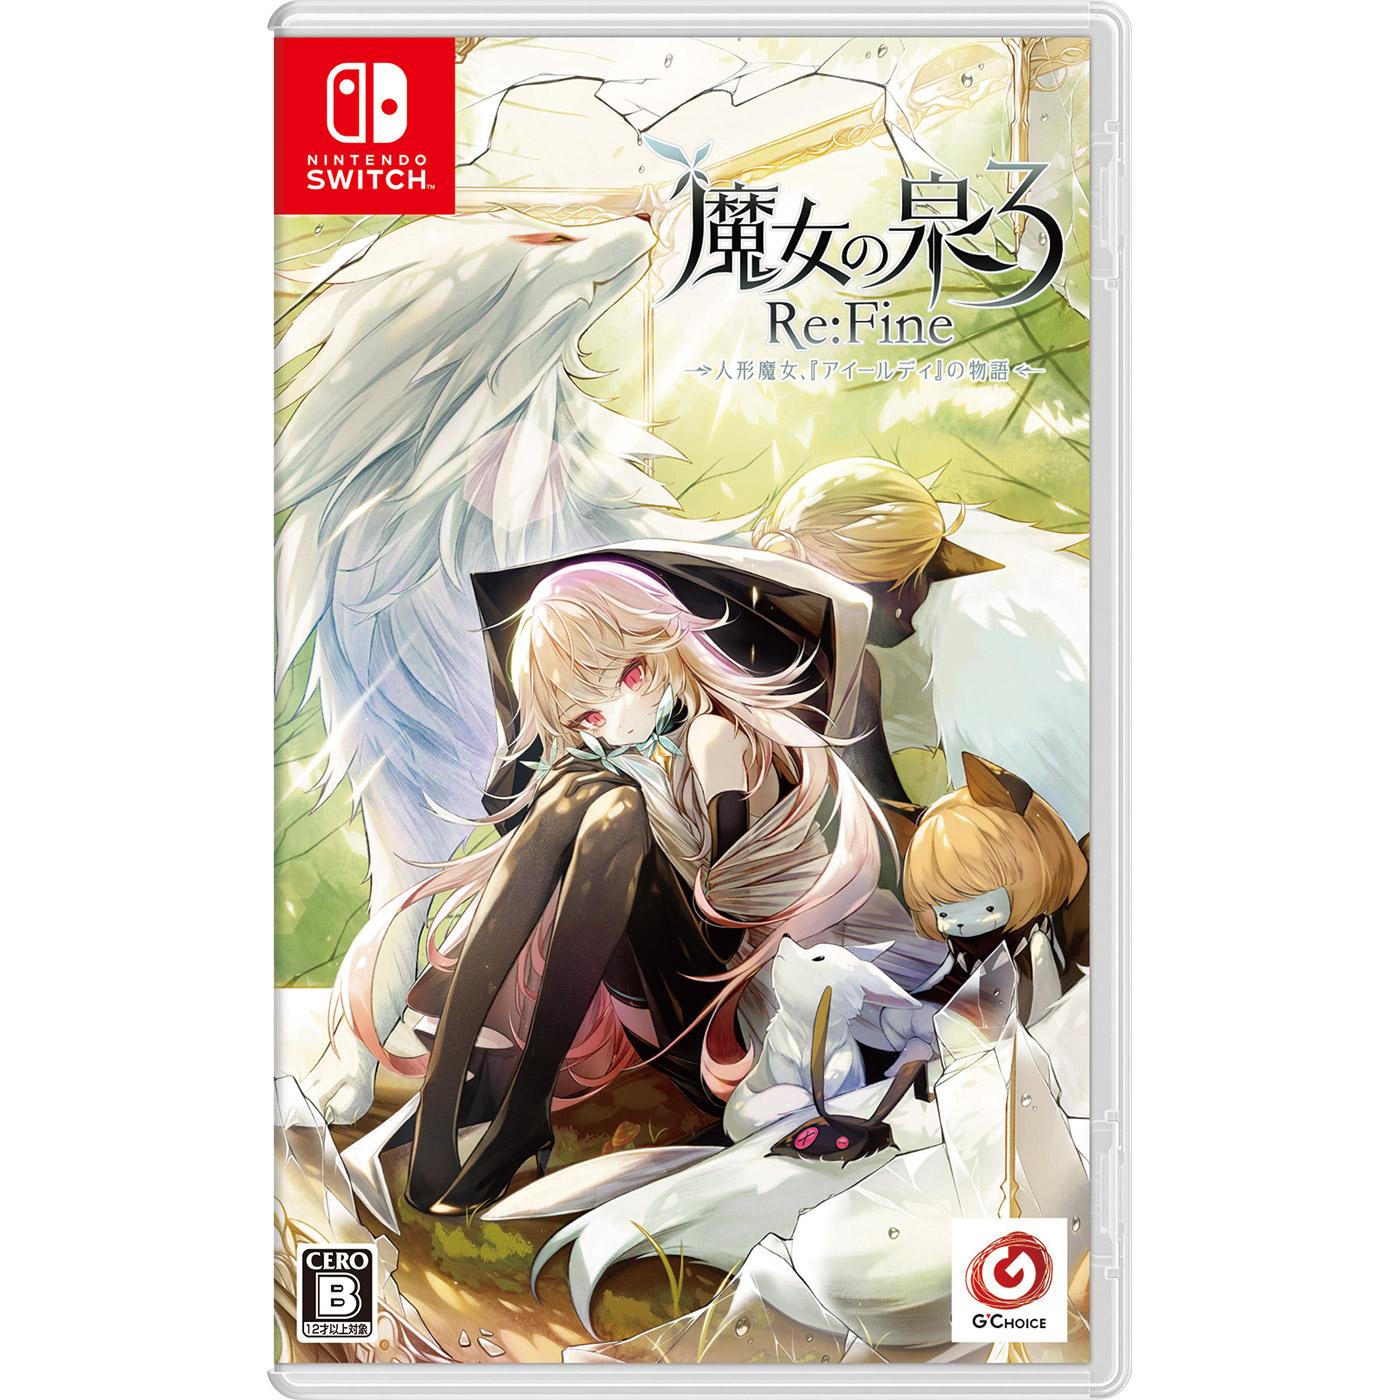 魔女の泉3 Re:Fine —人形魔女、『アイールディ』の物語— 【Switchゲームソフト】